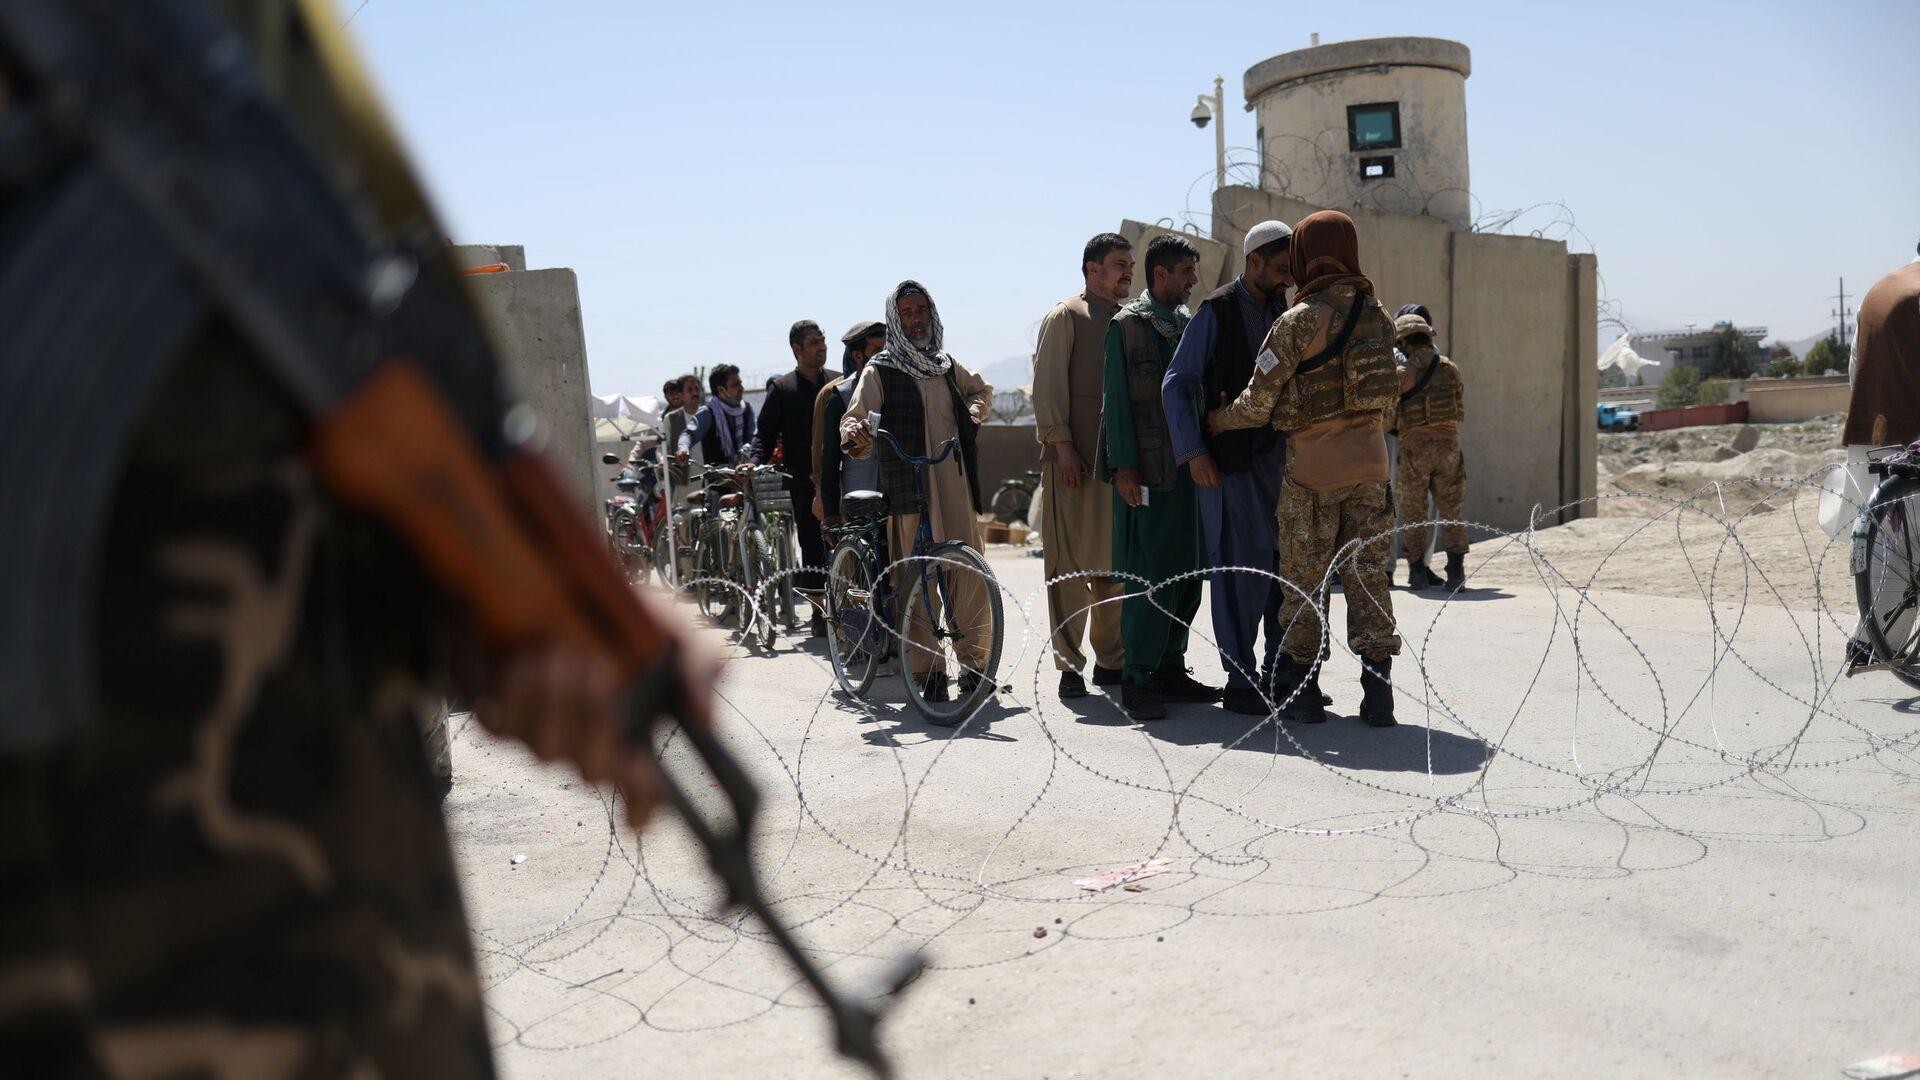 Taliban members pat down workers leaving the military airfield in Kabul, Afghanistan, September 5, 2021 - Sputnik International, 1920, 14.09.2021